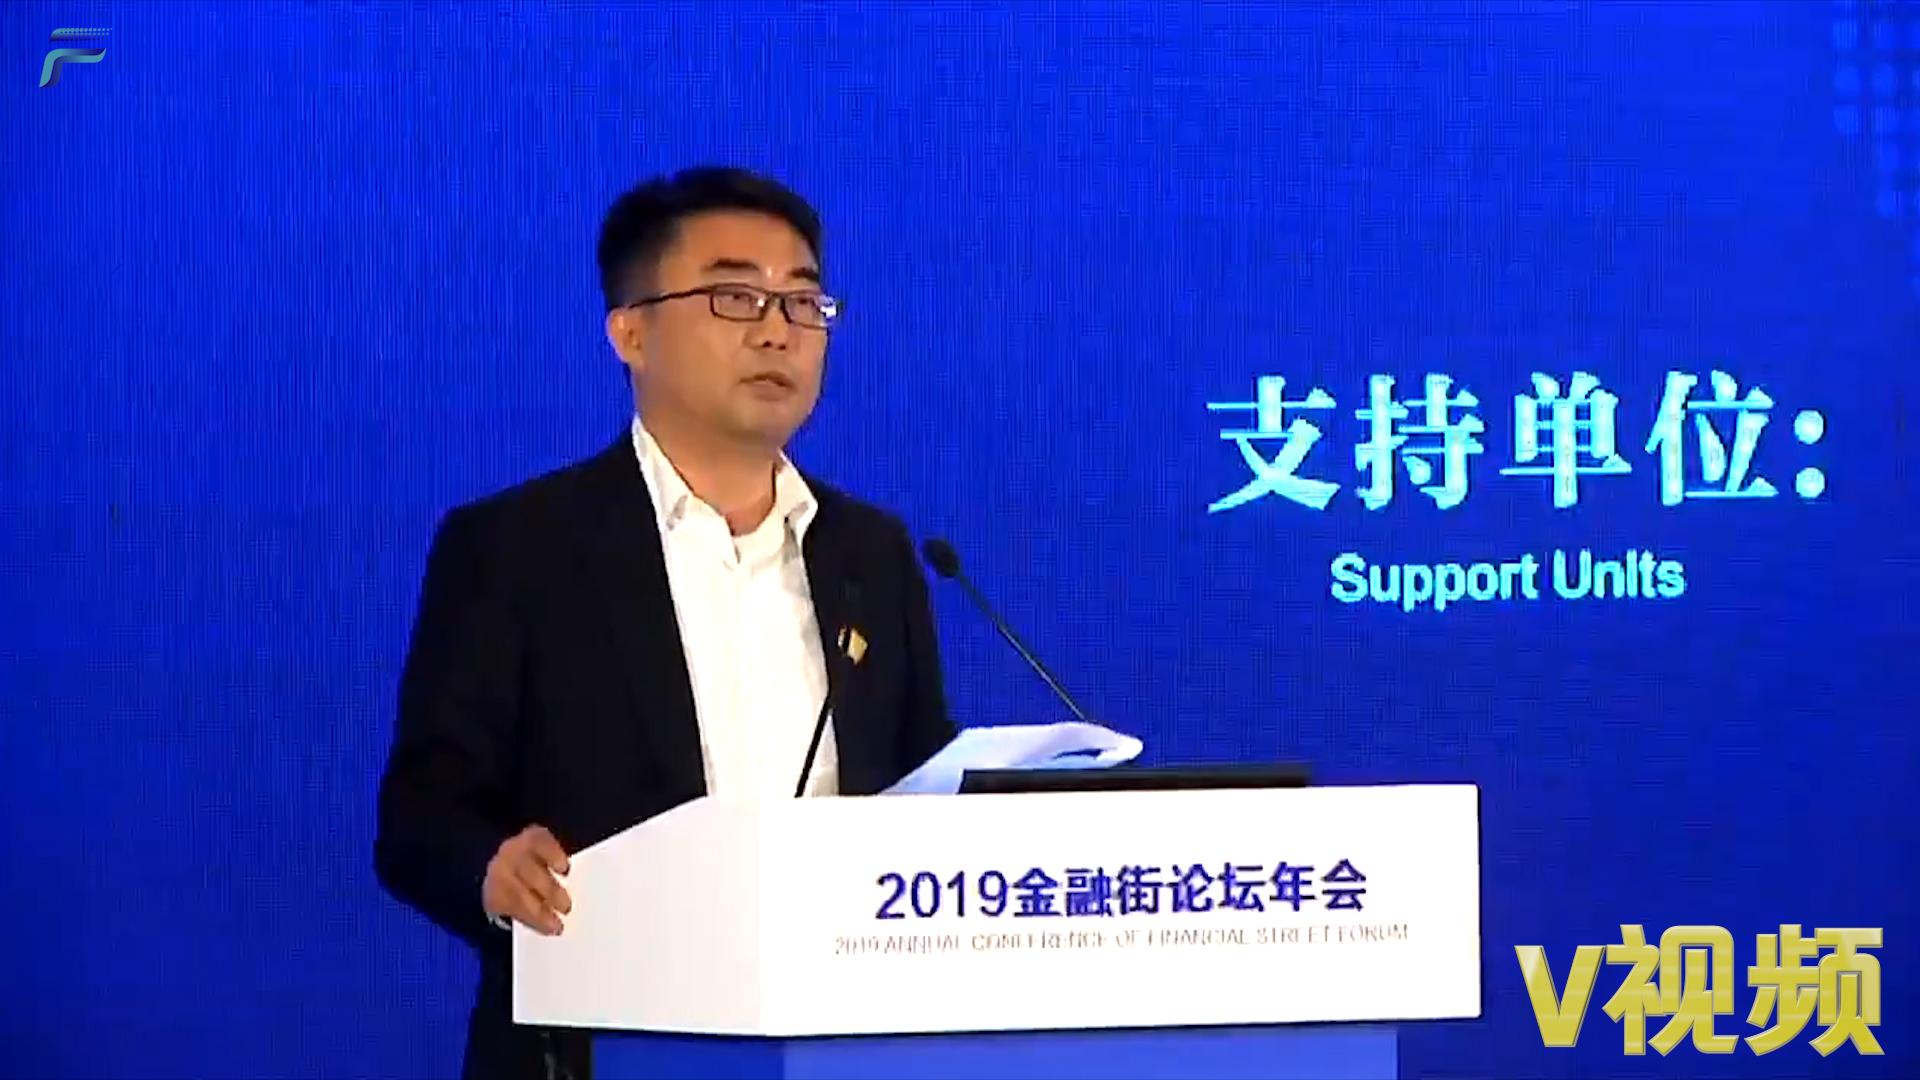 范文仲:金融基础设施决定国家核心金融竞争力